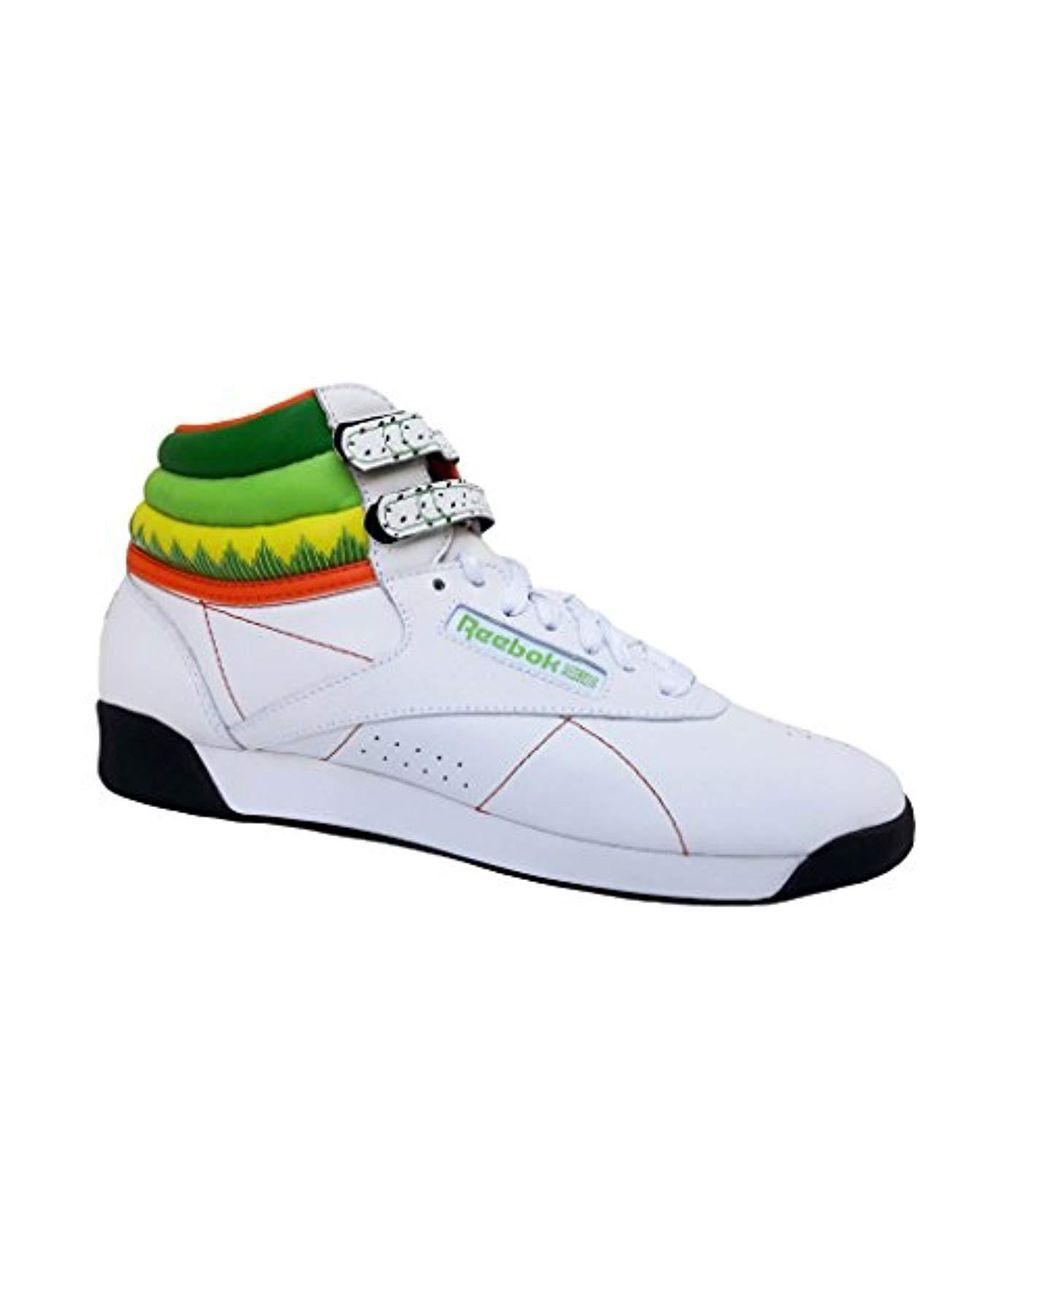 Reebok BB7700 Mid Woman V48316 grey//white//candy//blue Schuhe//Sneaker